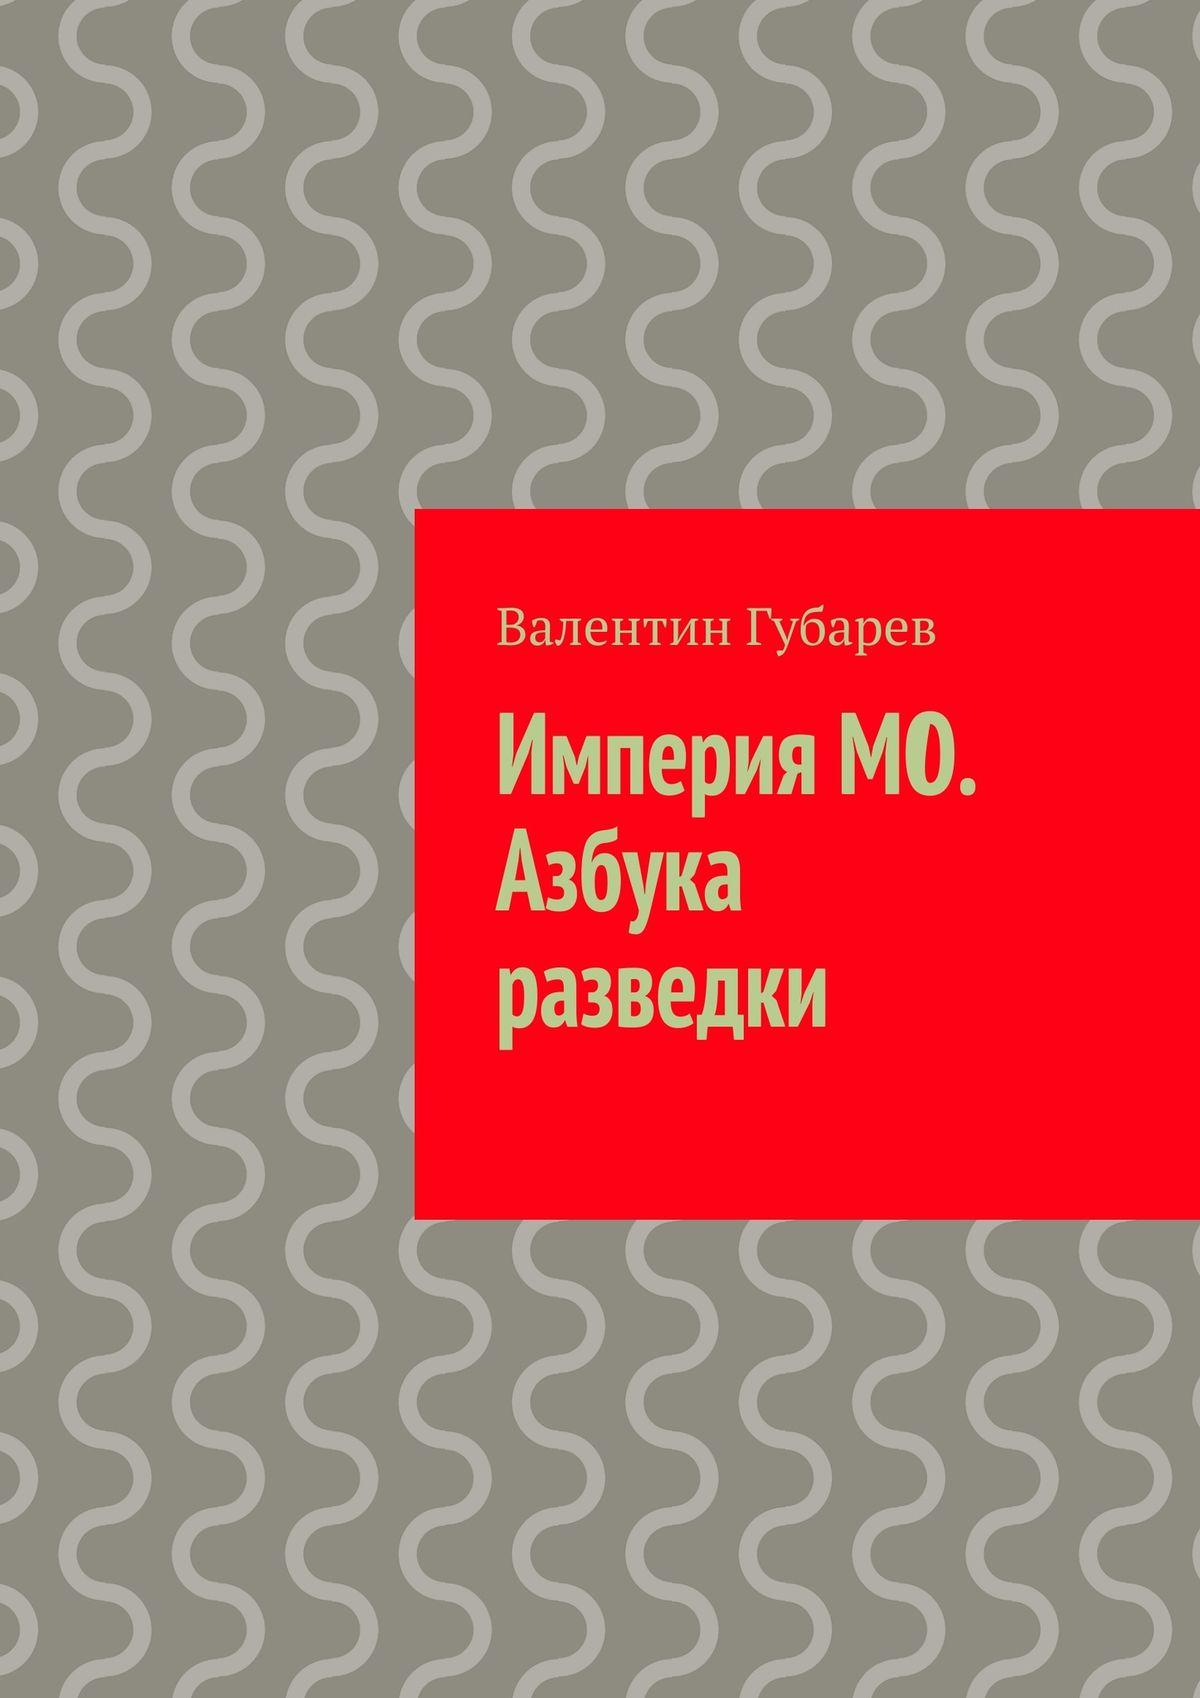 Валентин Губарев Империя МО. Азбука разведки